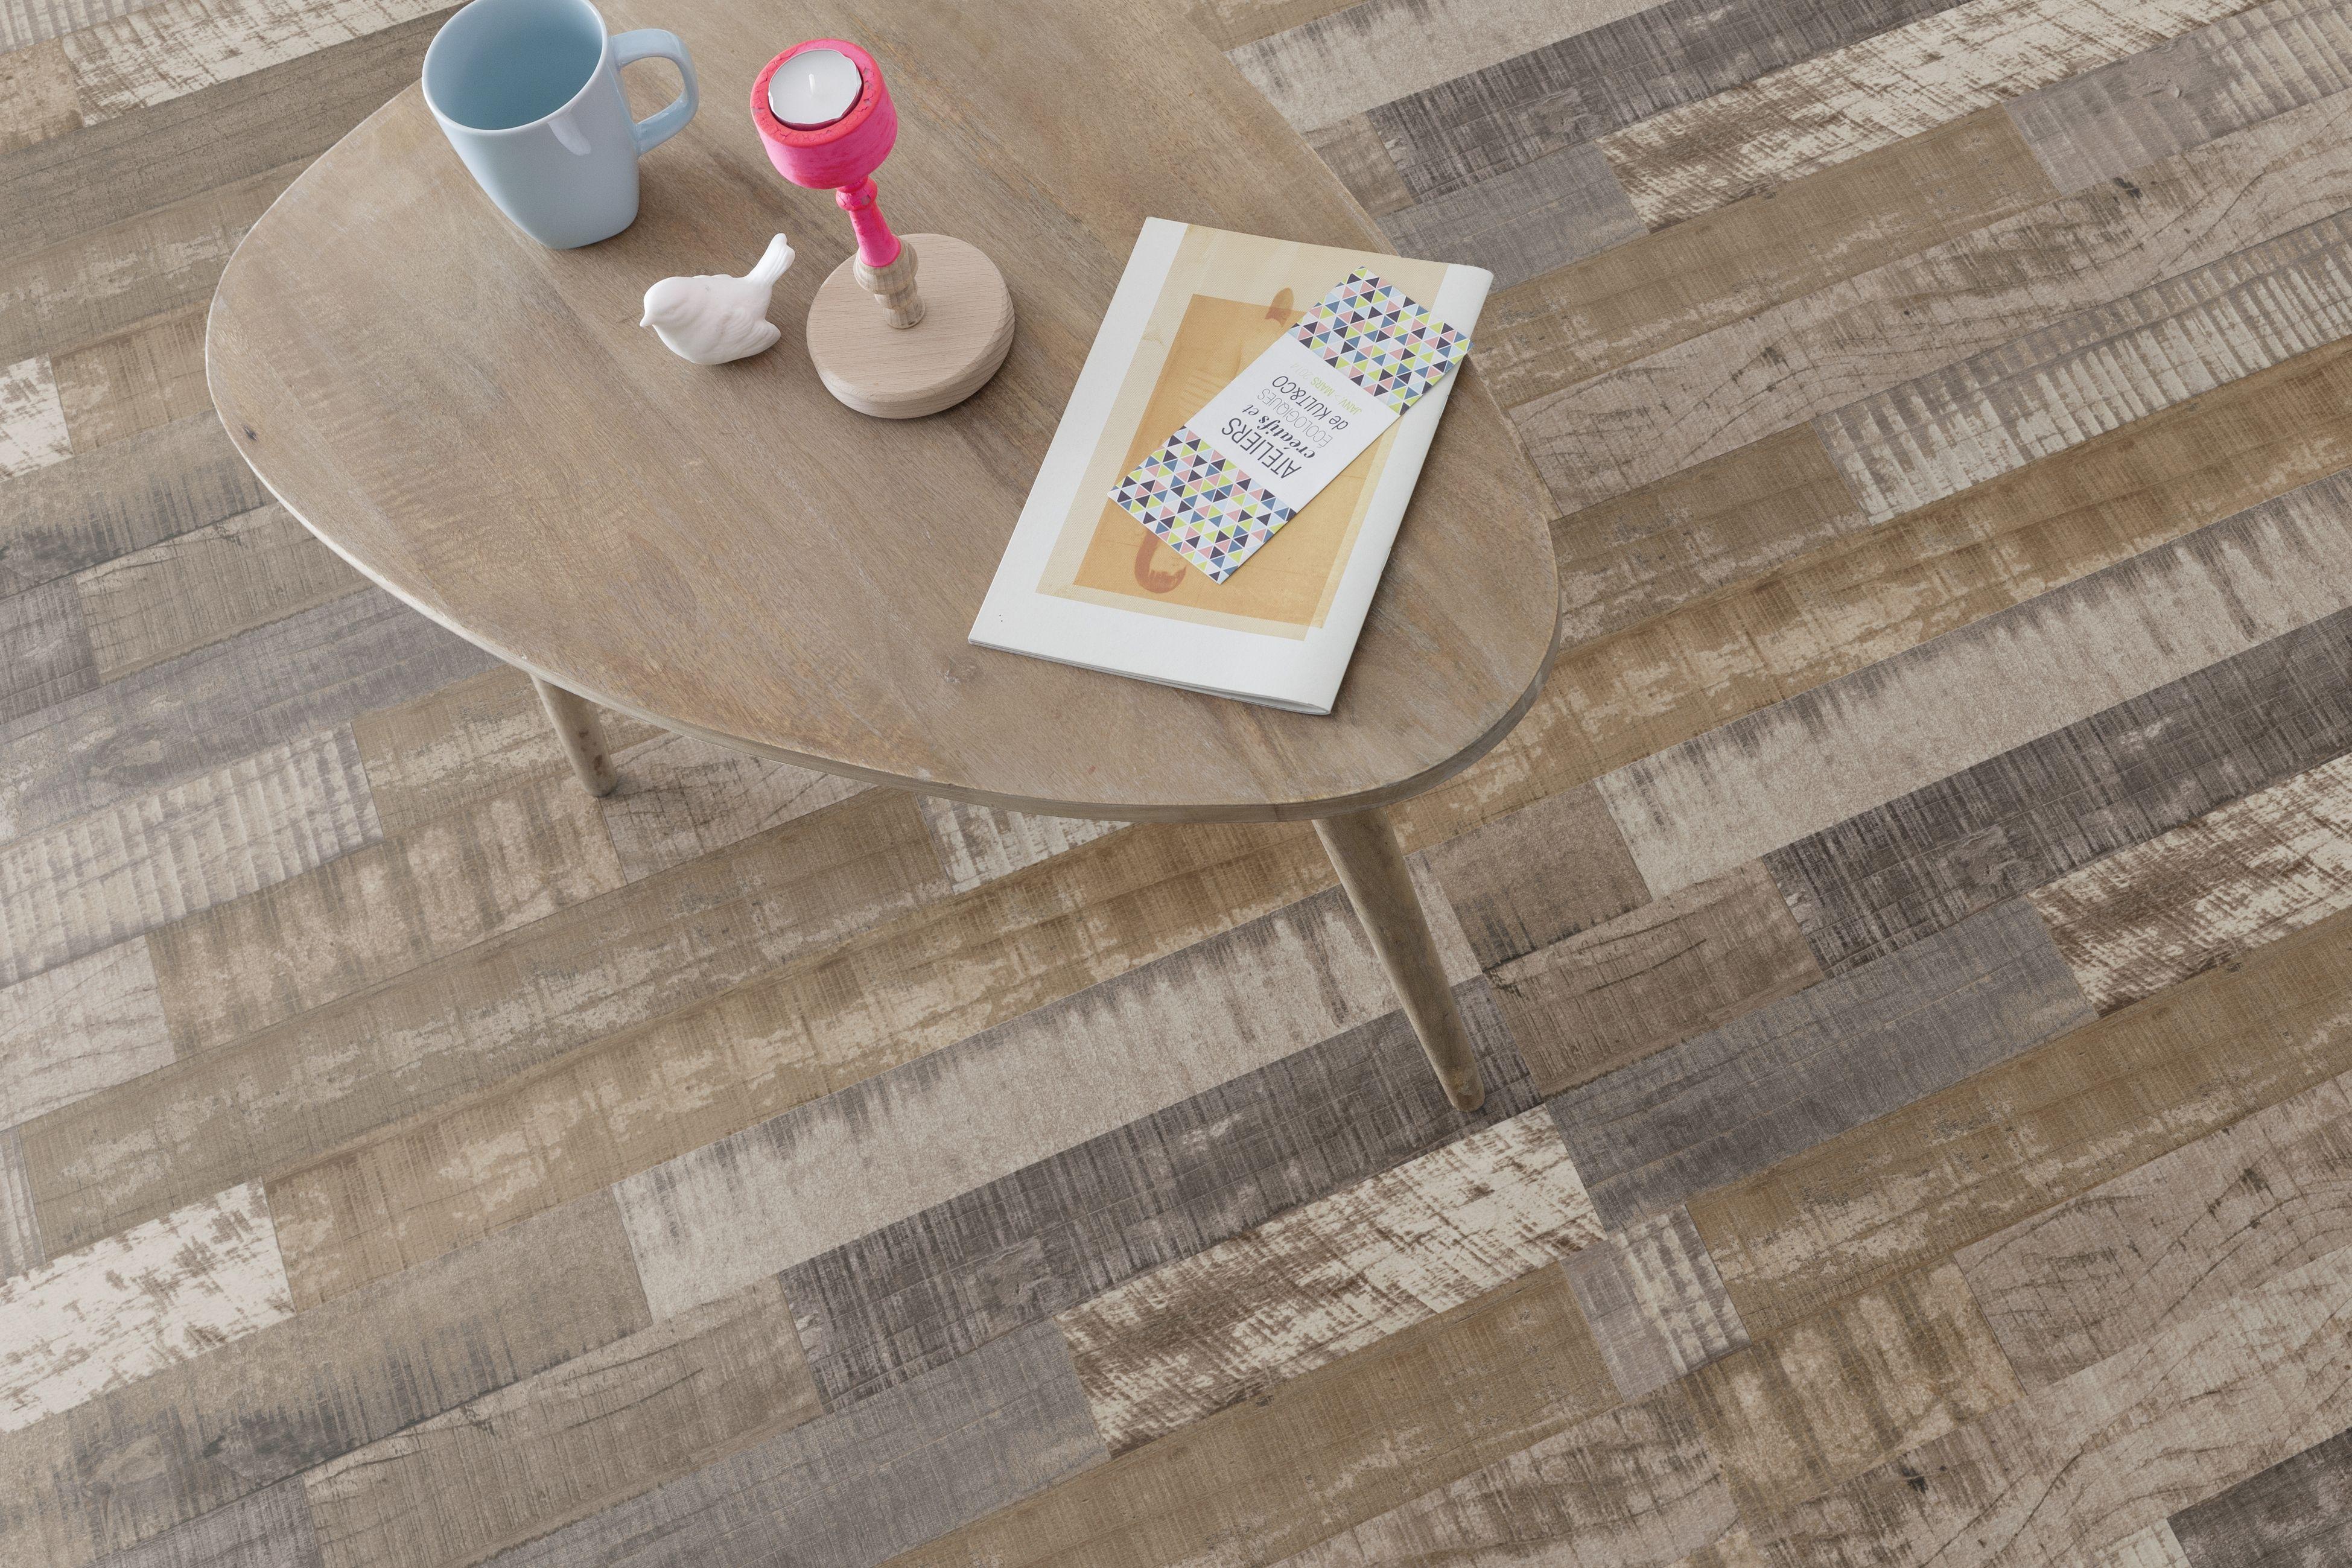 Santafe Brown Booster By Gerflor Flooring Design Wood Http  # Table Tel En Boi Simple